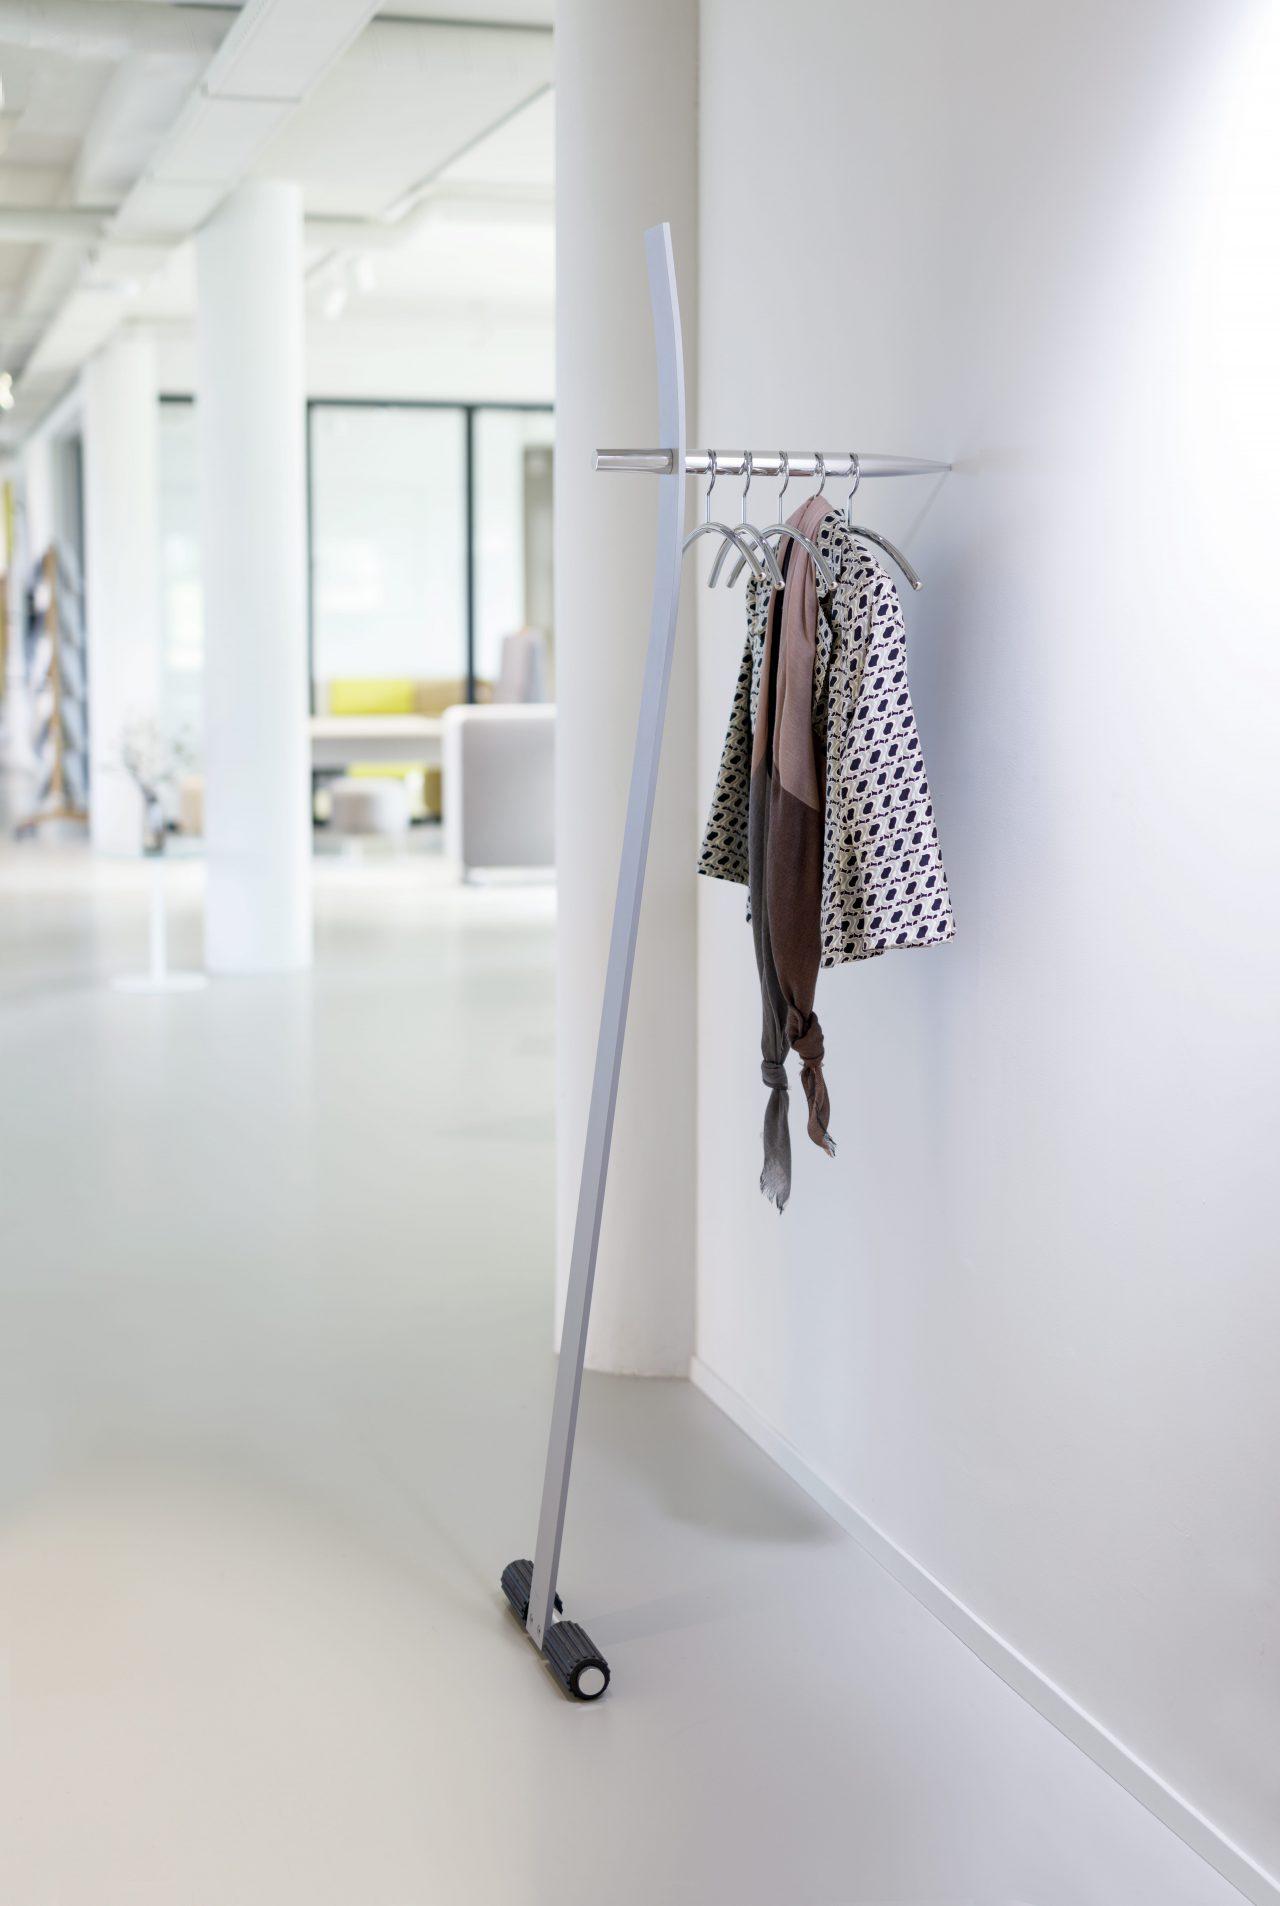 Garderobenständer Standalone, lehnt an der Wand